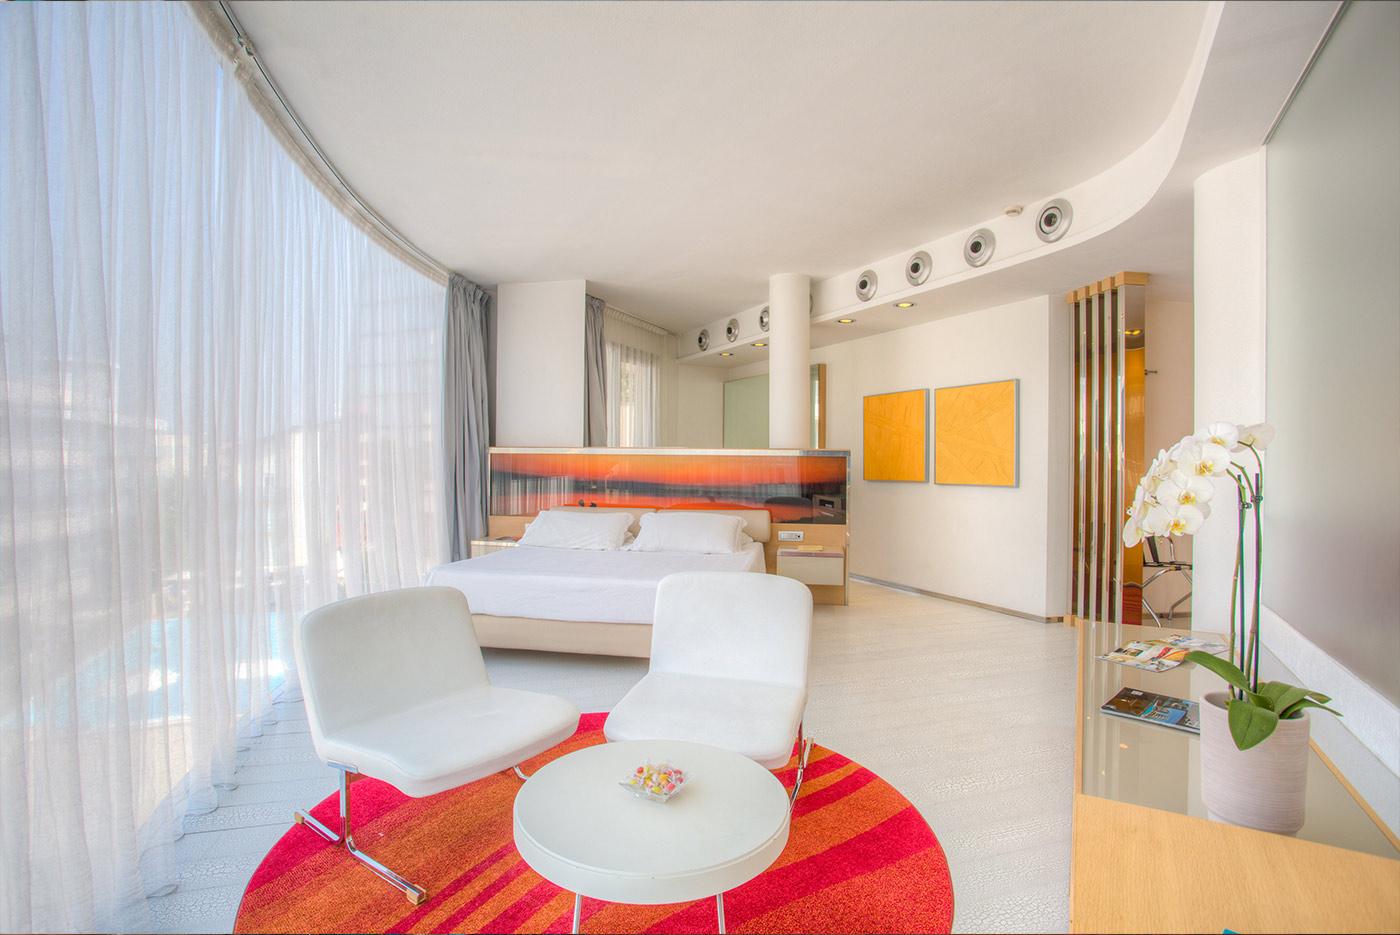 servizio-fotografico-camere-hotel-milano-marittima